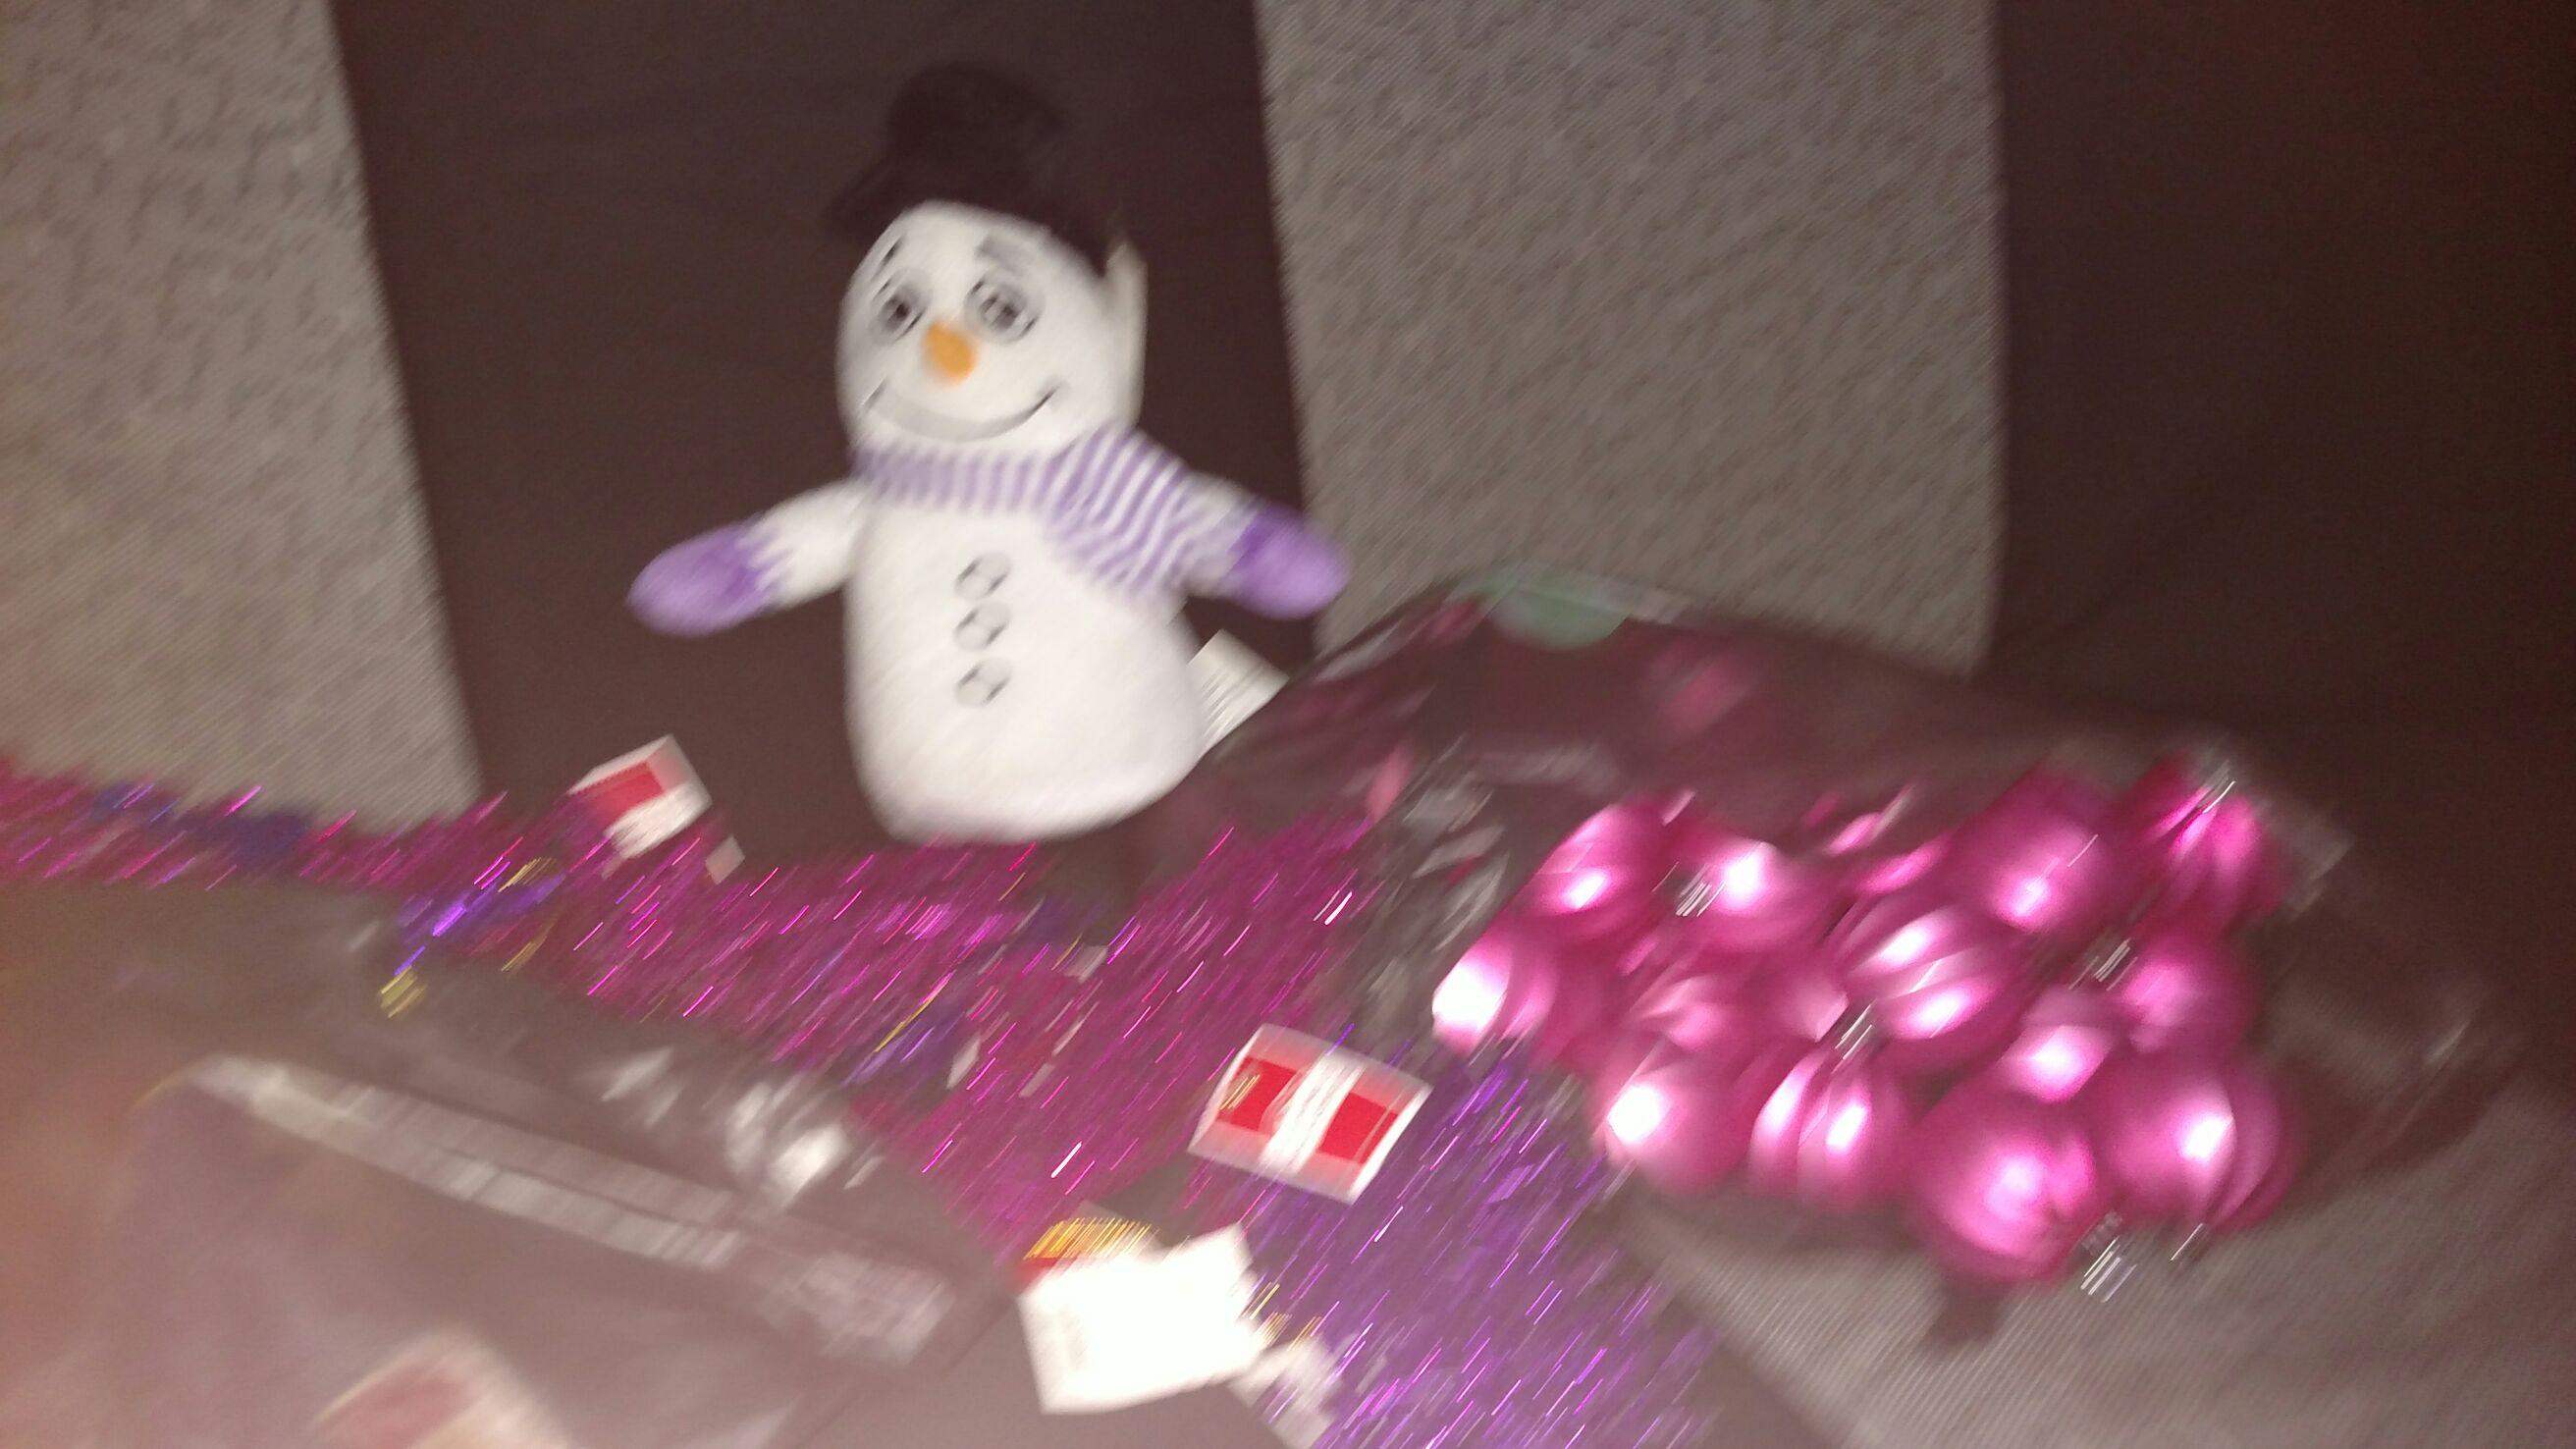 Bodega Aurrerá: Peluche de muñeco de nieve en $10.02 y más